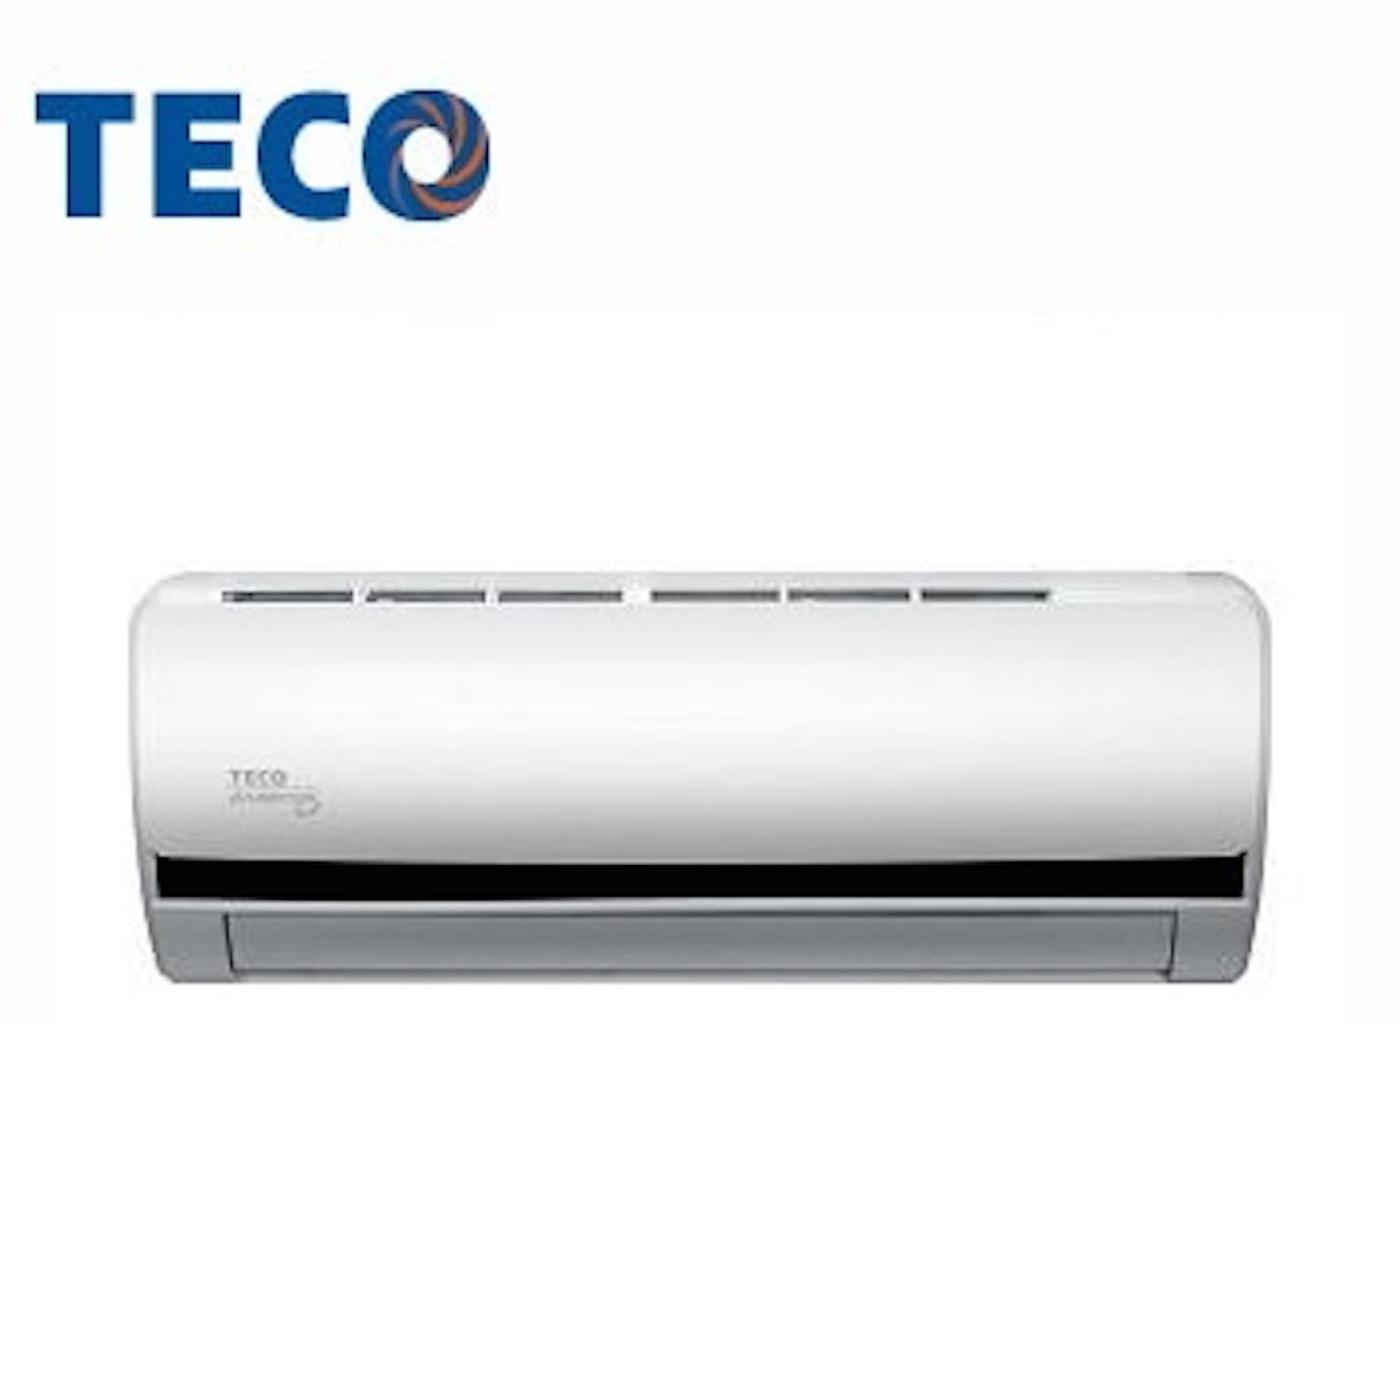 免運費0利率TECO東元MS22IH-BV MA22IH-BV約4坪CSPF一對一變頻冷暖分離式冷氣南霸天電器百貨